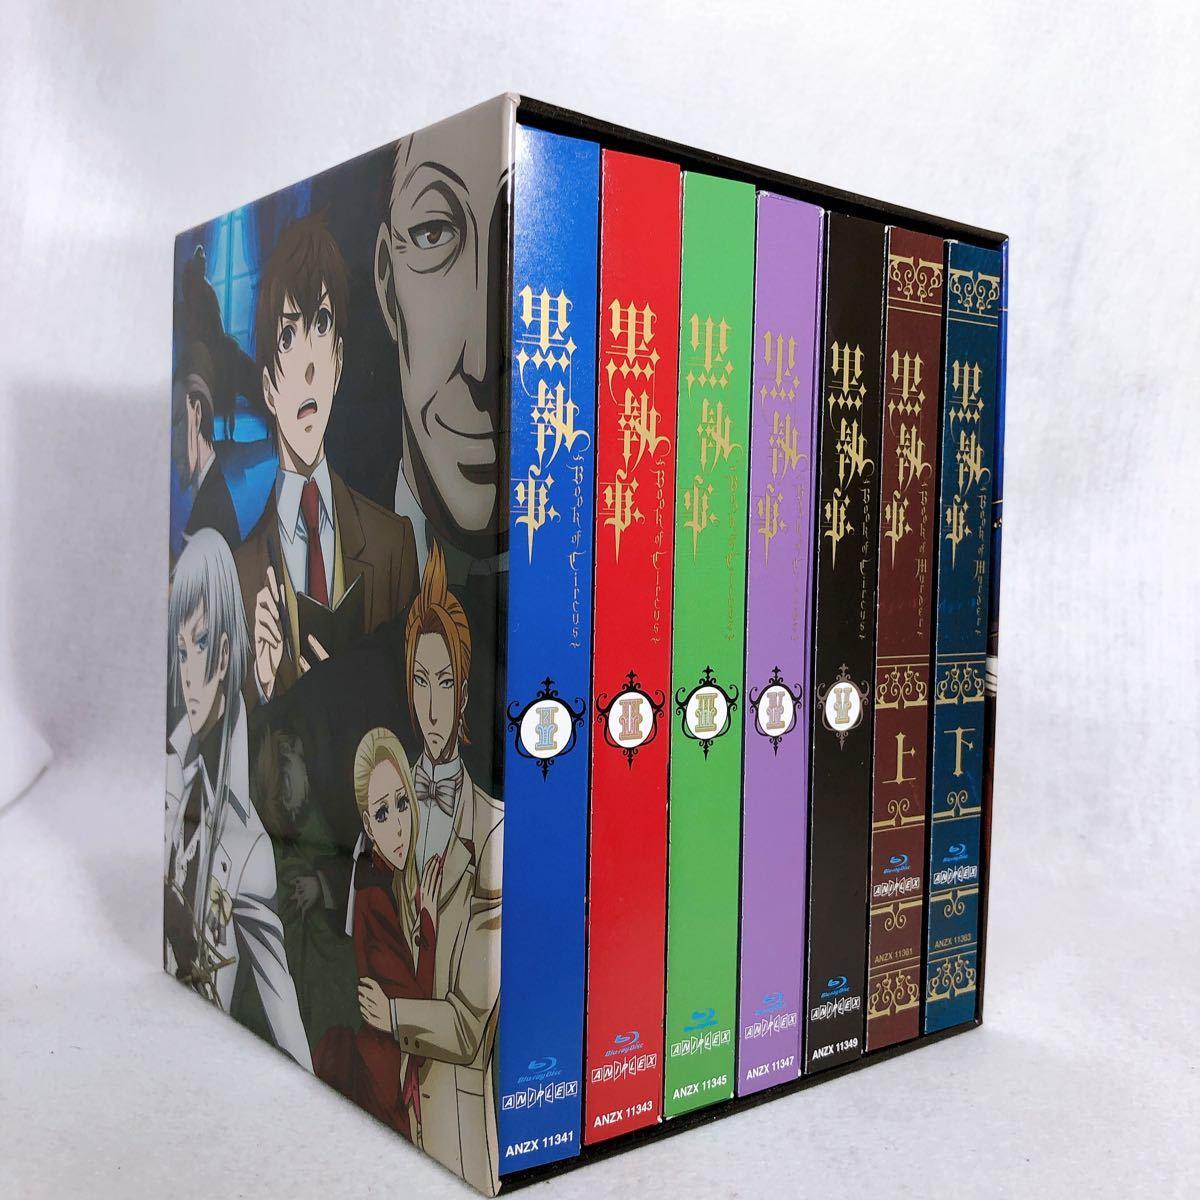 黒執事 Book of Murder 完全生産限定版 Blu-ray